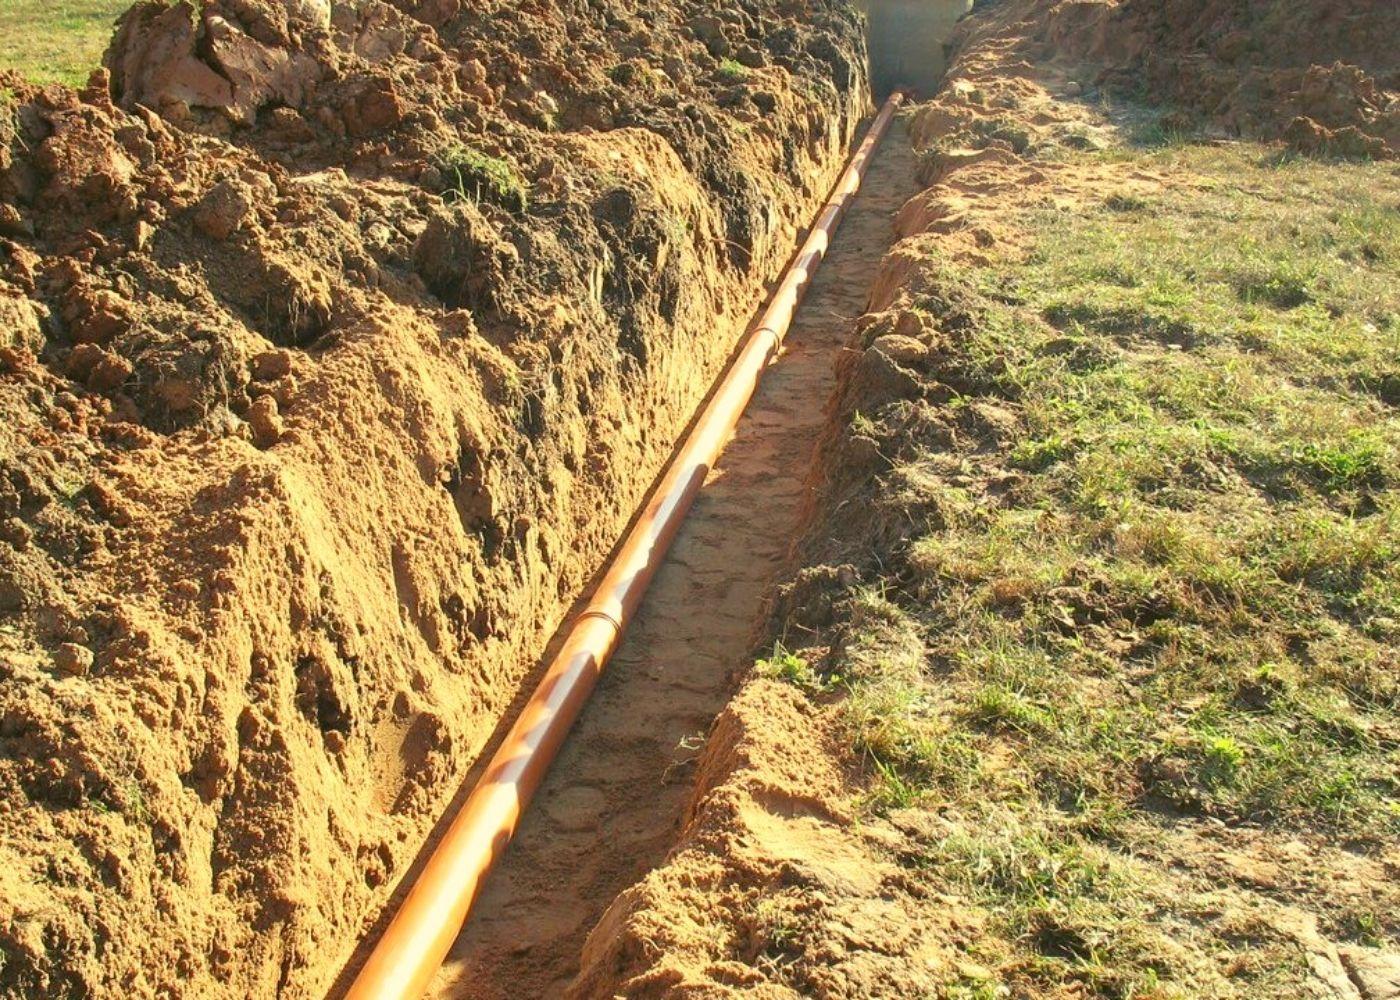 Как правильно проложить водопроводную трубу в земле?